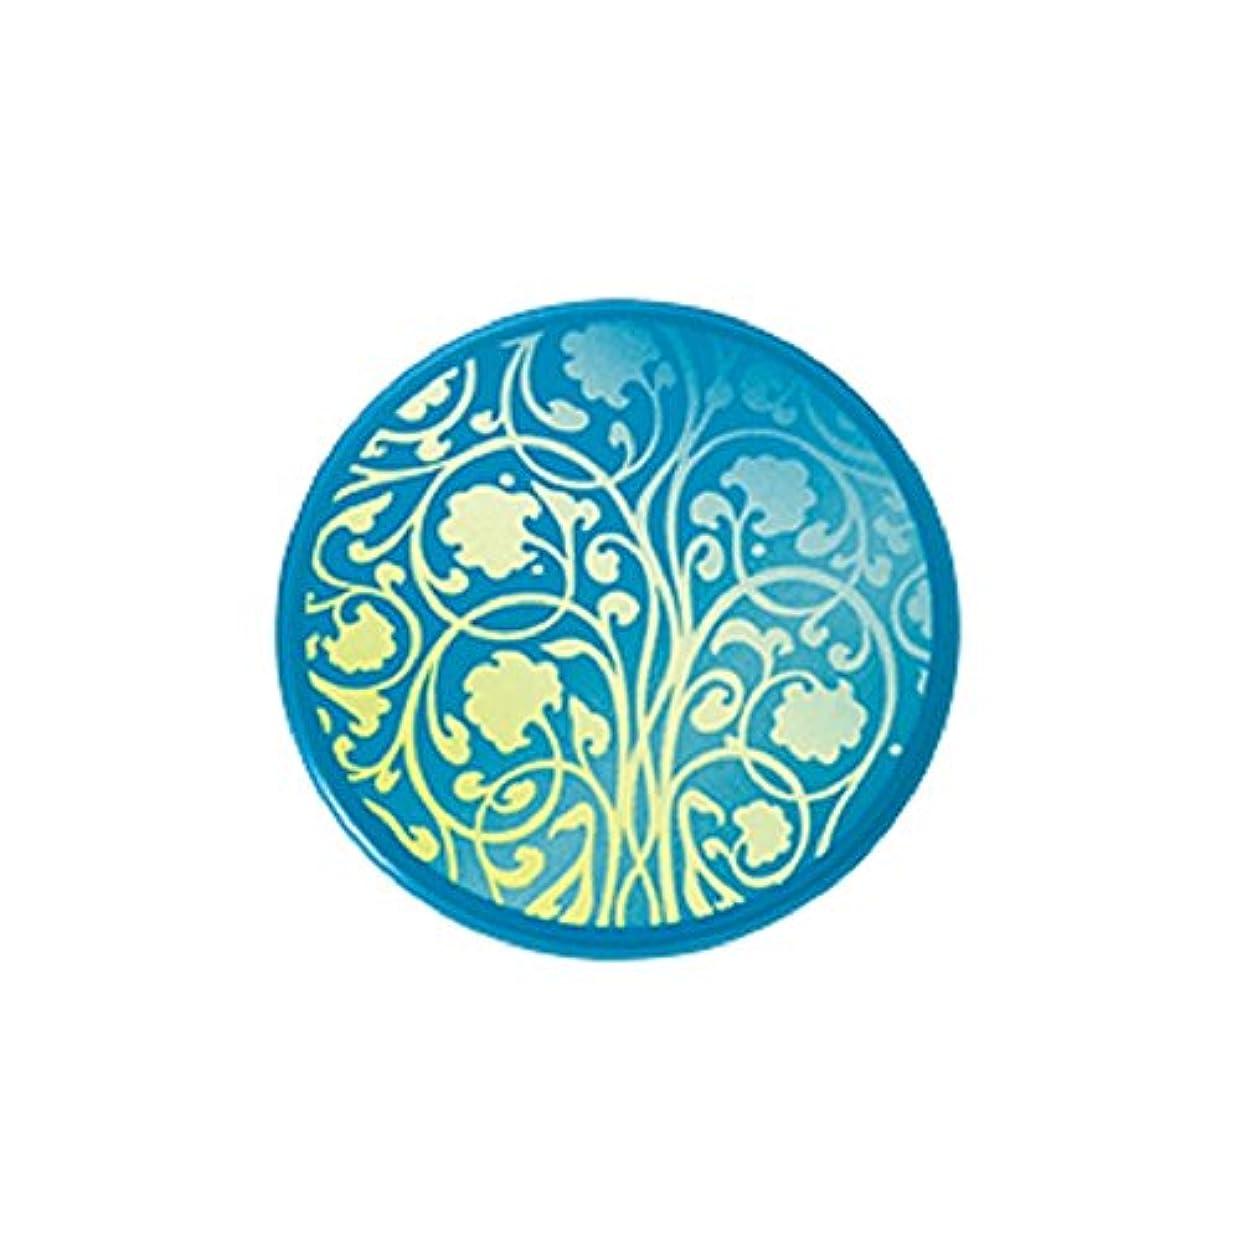 忌まわしい漫画パテアユーラ (AYURA) ウェルフィット アロマバーム 14g 〈ソリッドパヒューム〉 心地よい森林の香気